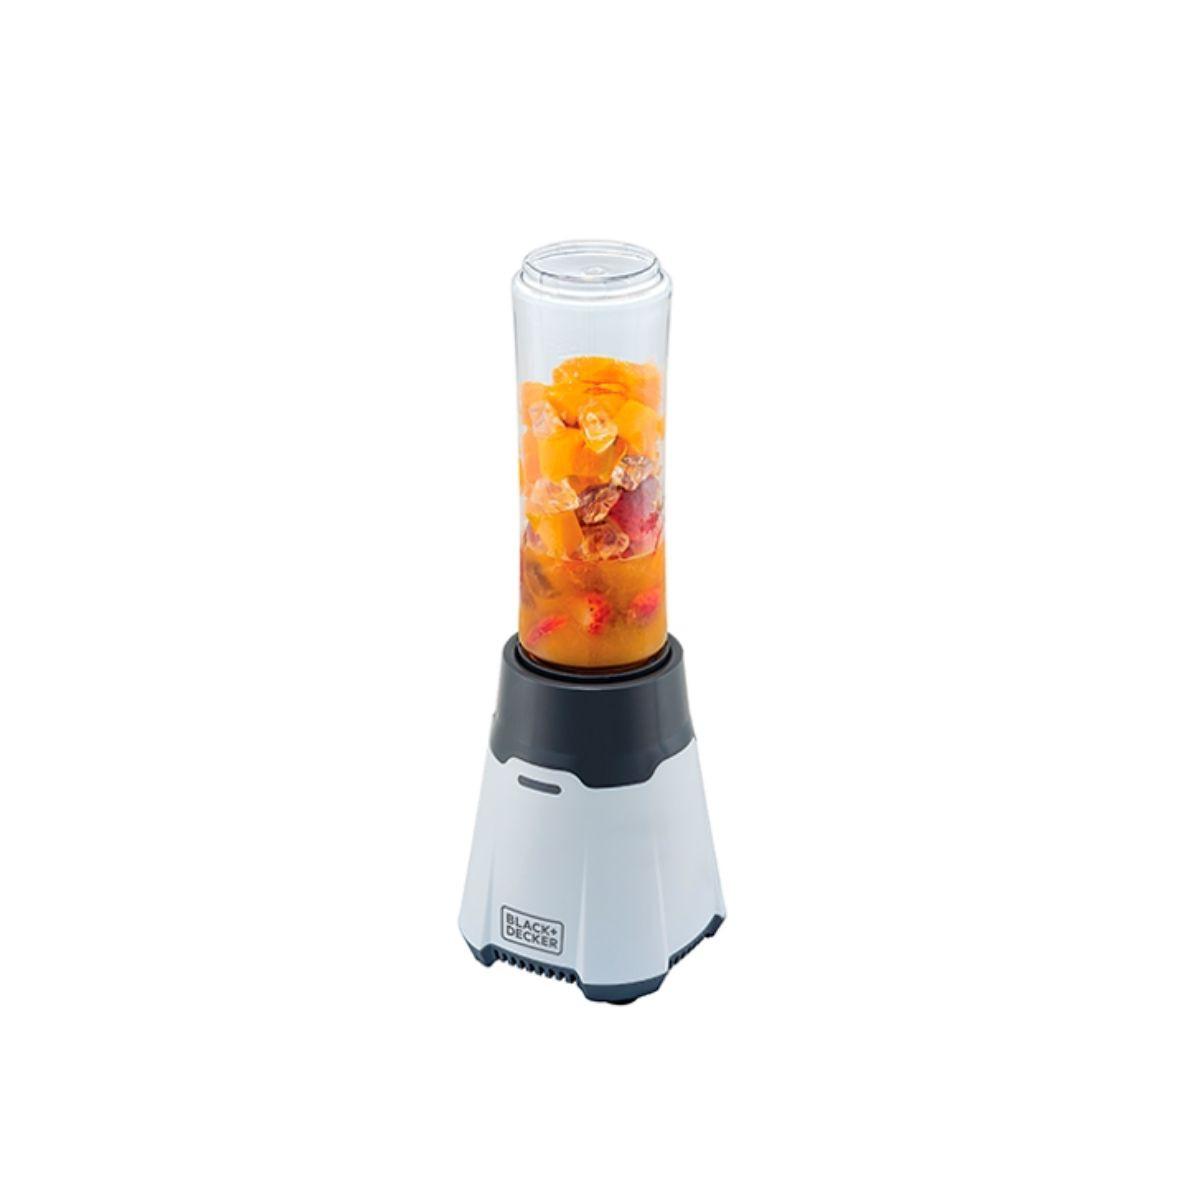 Liquidificador Blender Black & Decker Portátil 2 Coqueteleiras